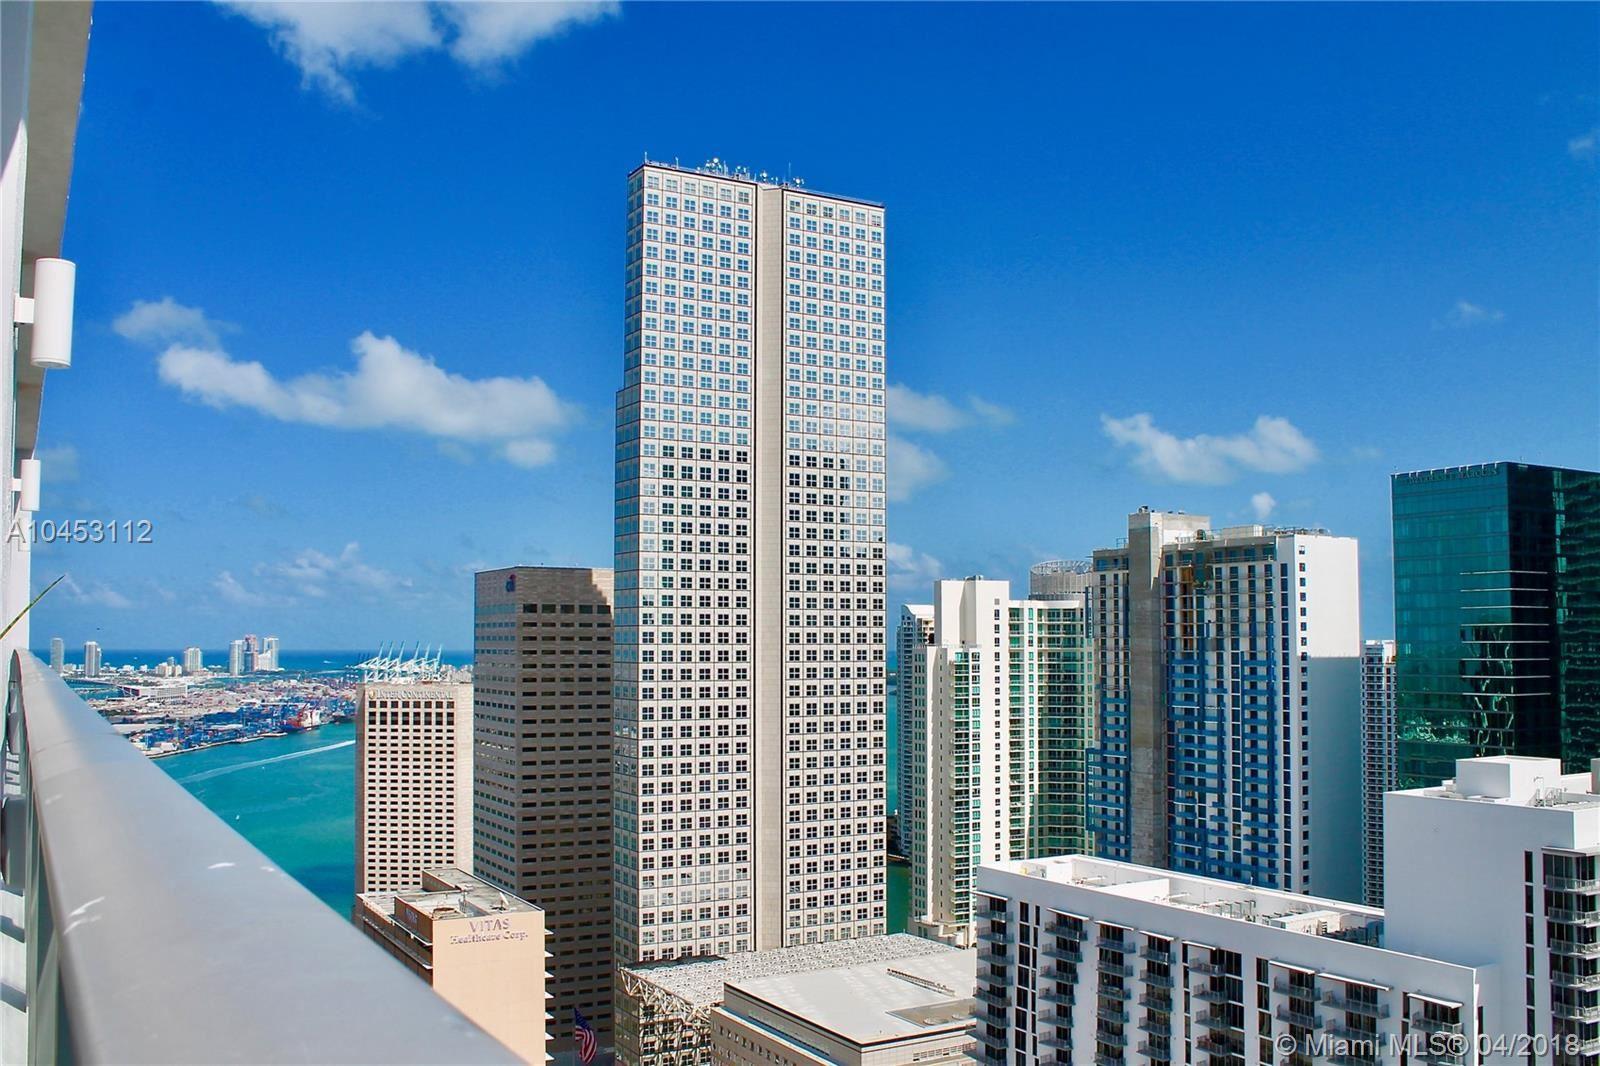 151 SE 1st St #603, Miami, FL 33131 - #: A10453112